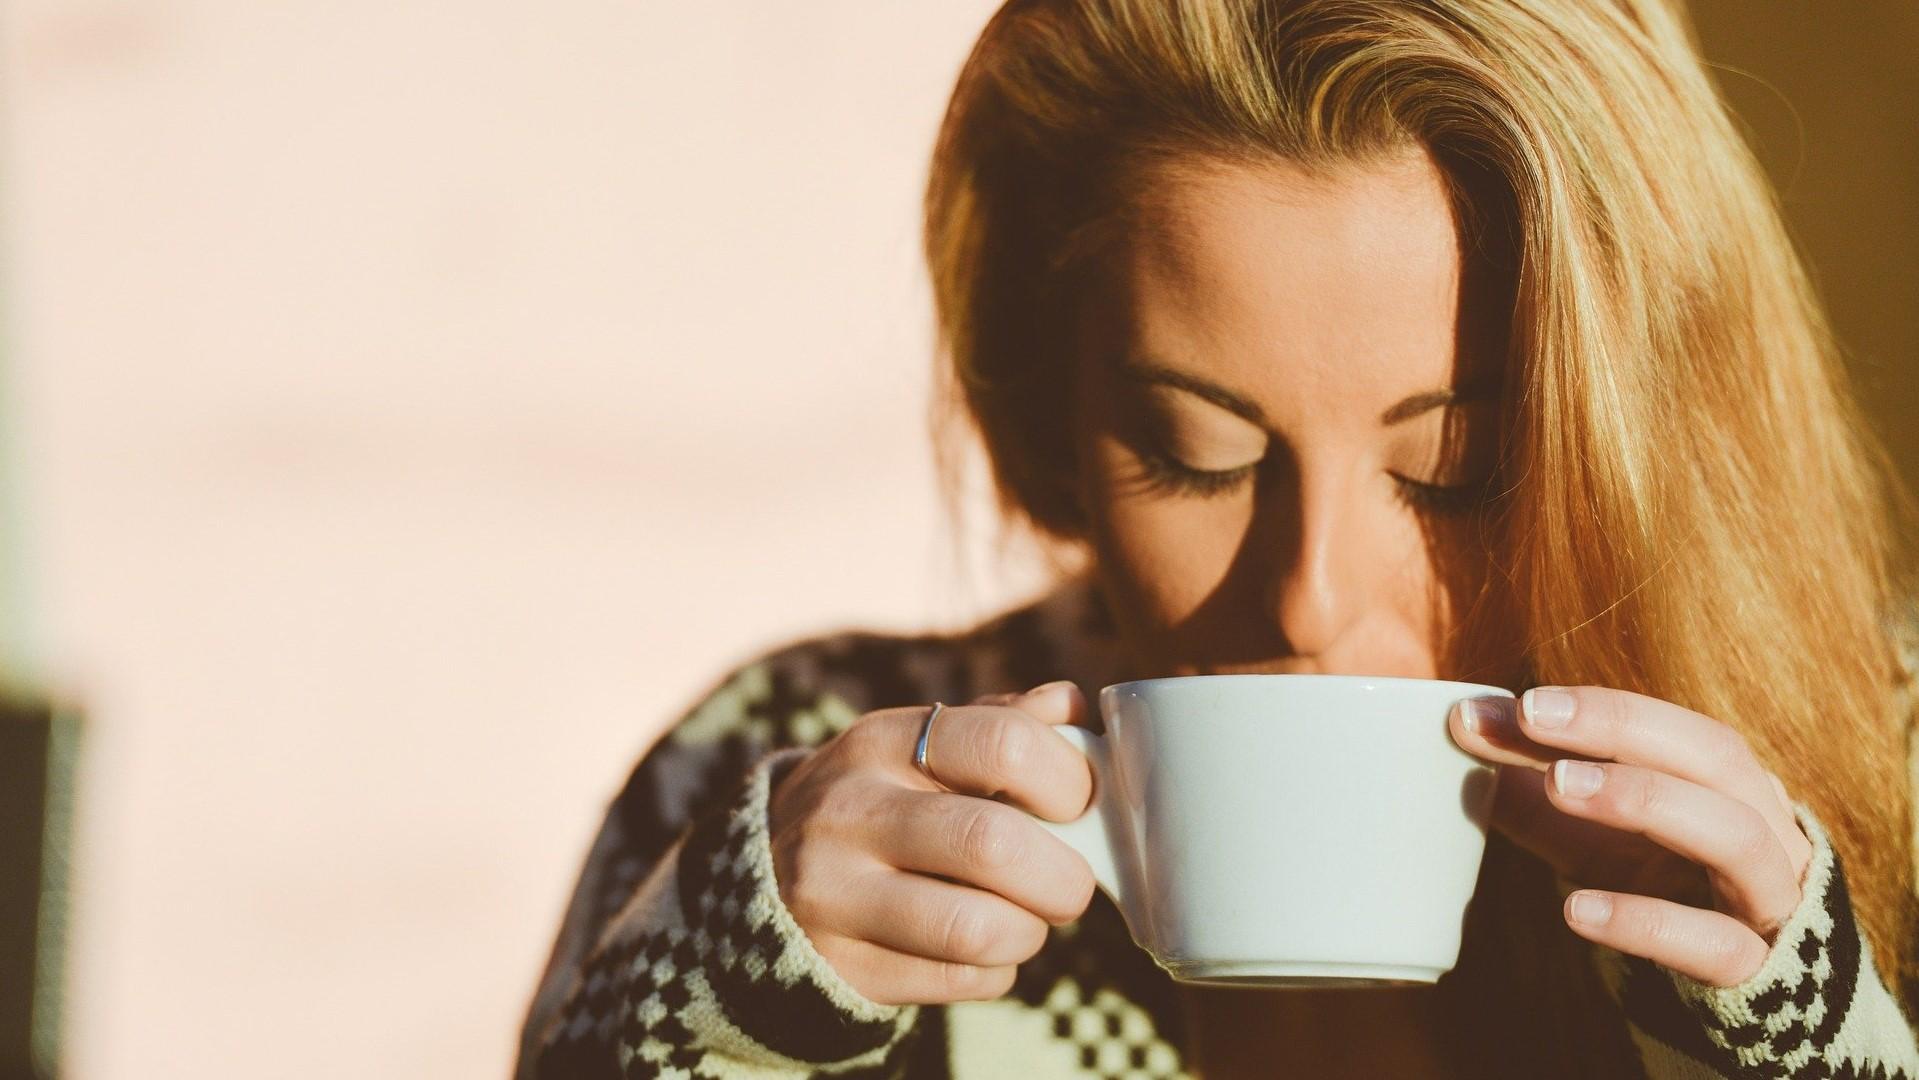 Een vrouw die wakker wordt na het slapen met een kopje koffie.